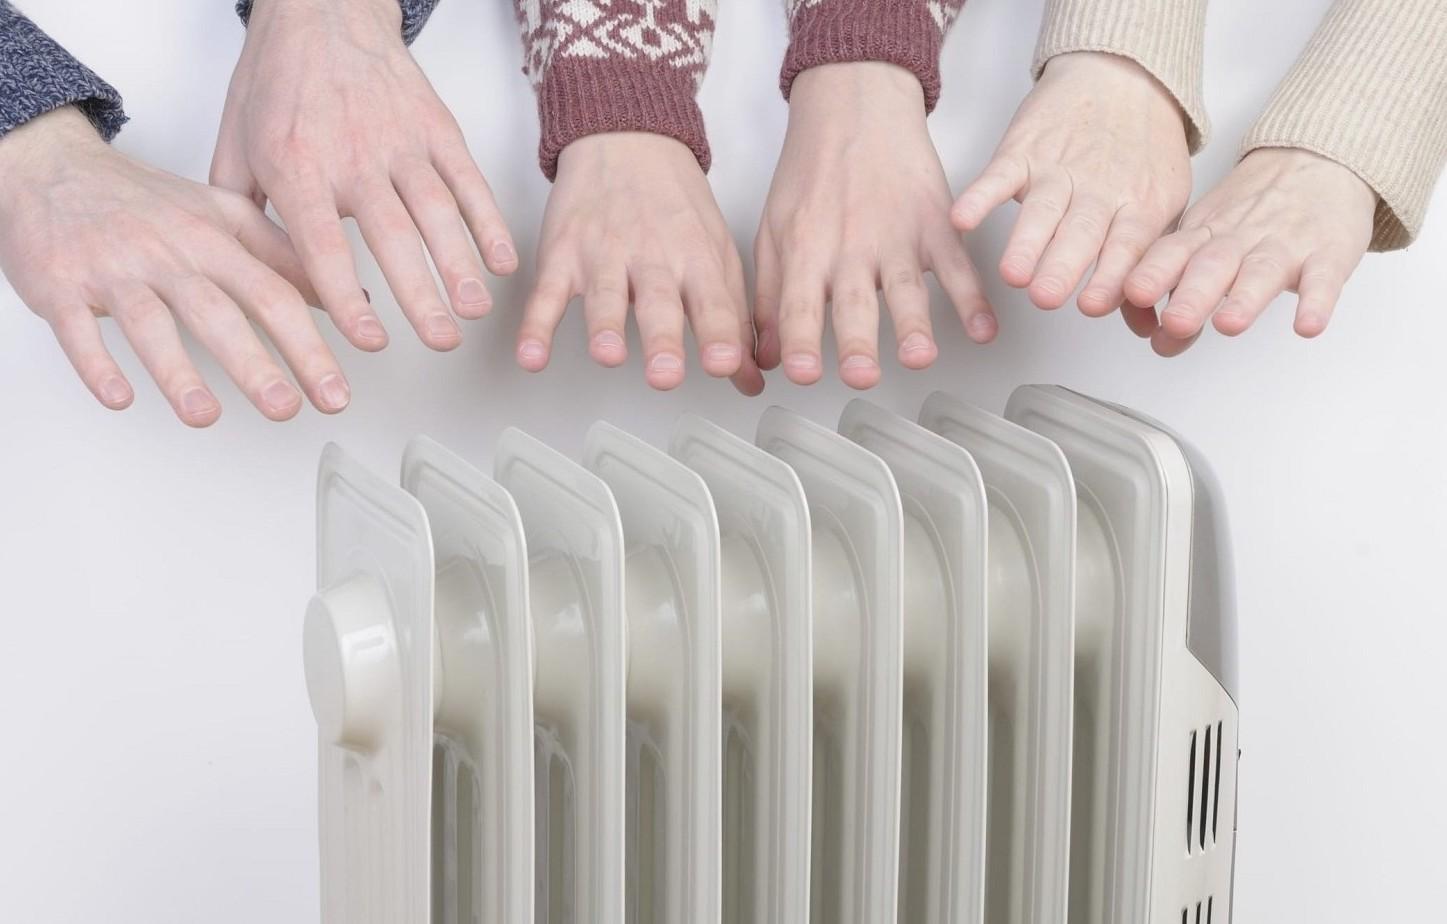 Riscaldamento condominiale 2019, temperatura minima obbligatoria e orari per legge